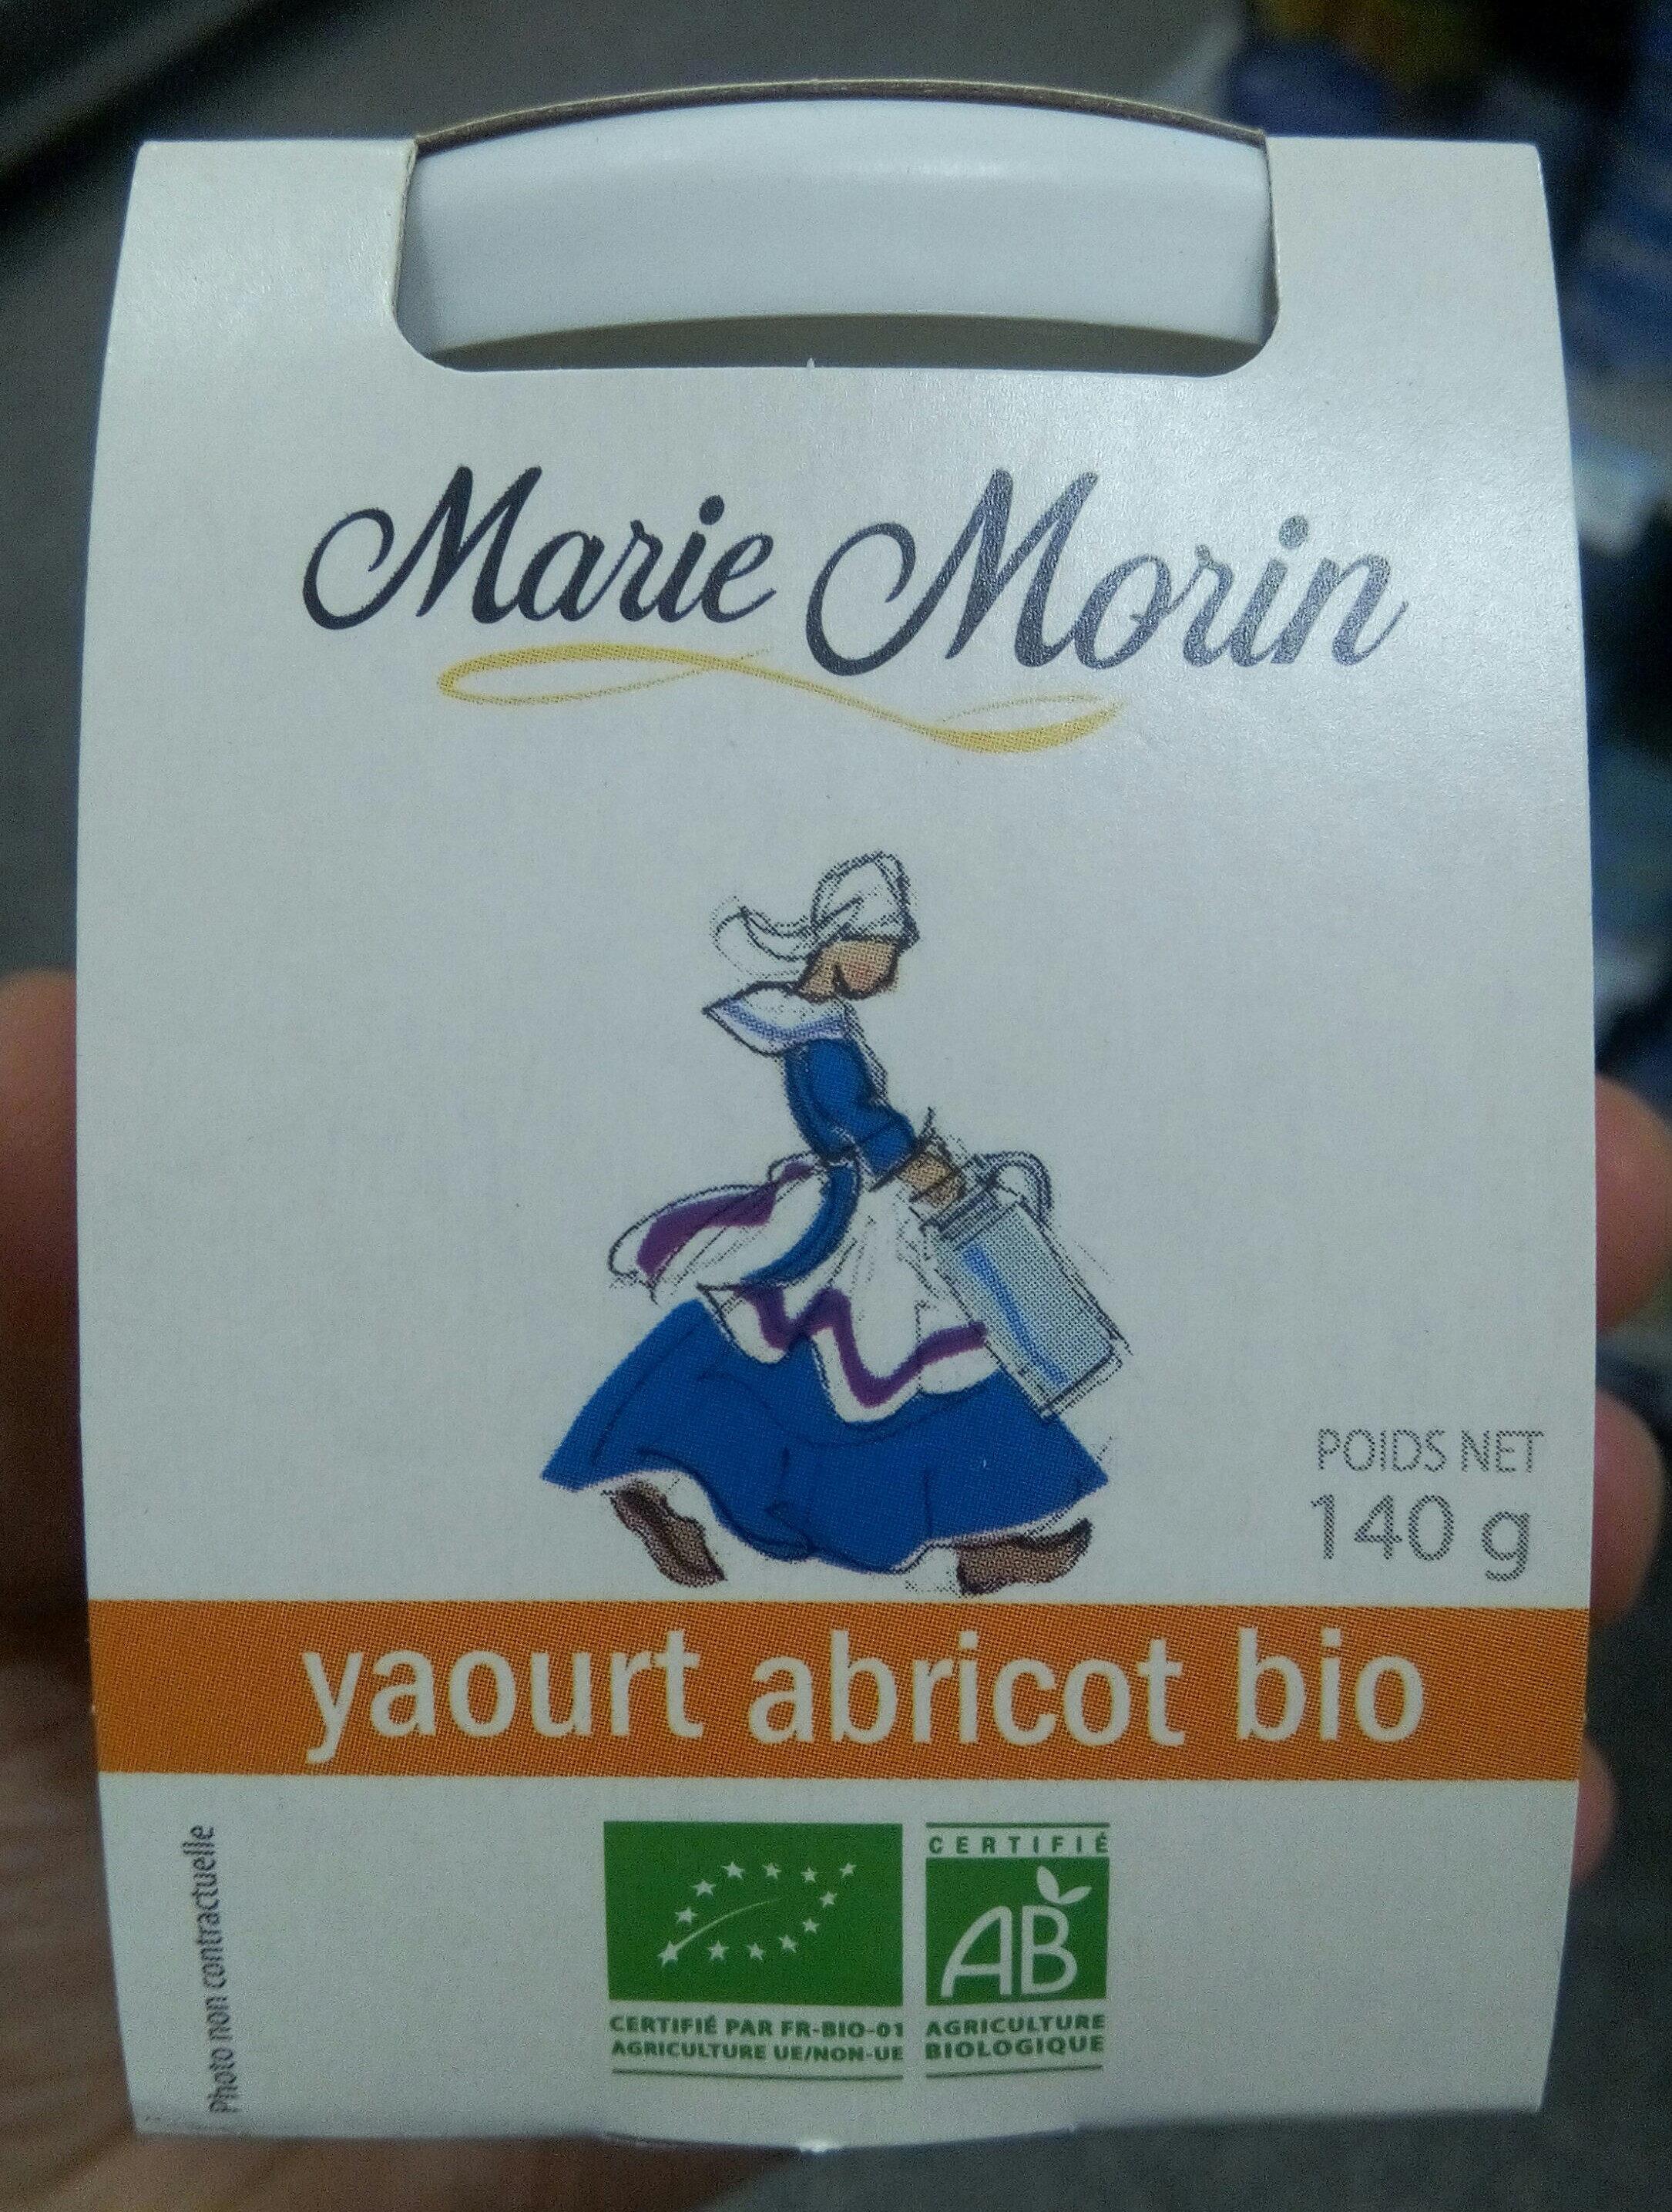 Yaourt abricot bio - Product - fr